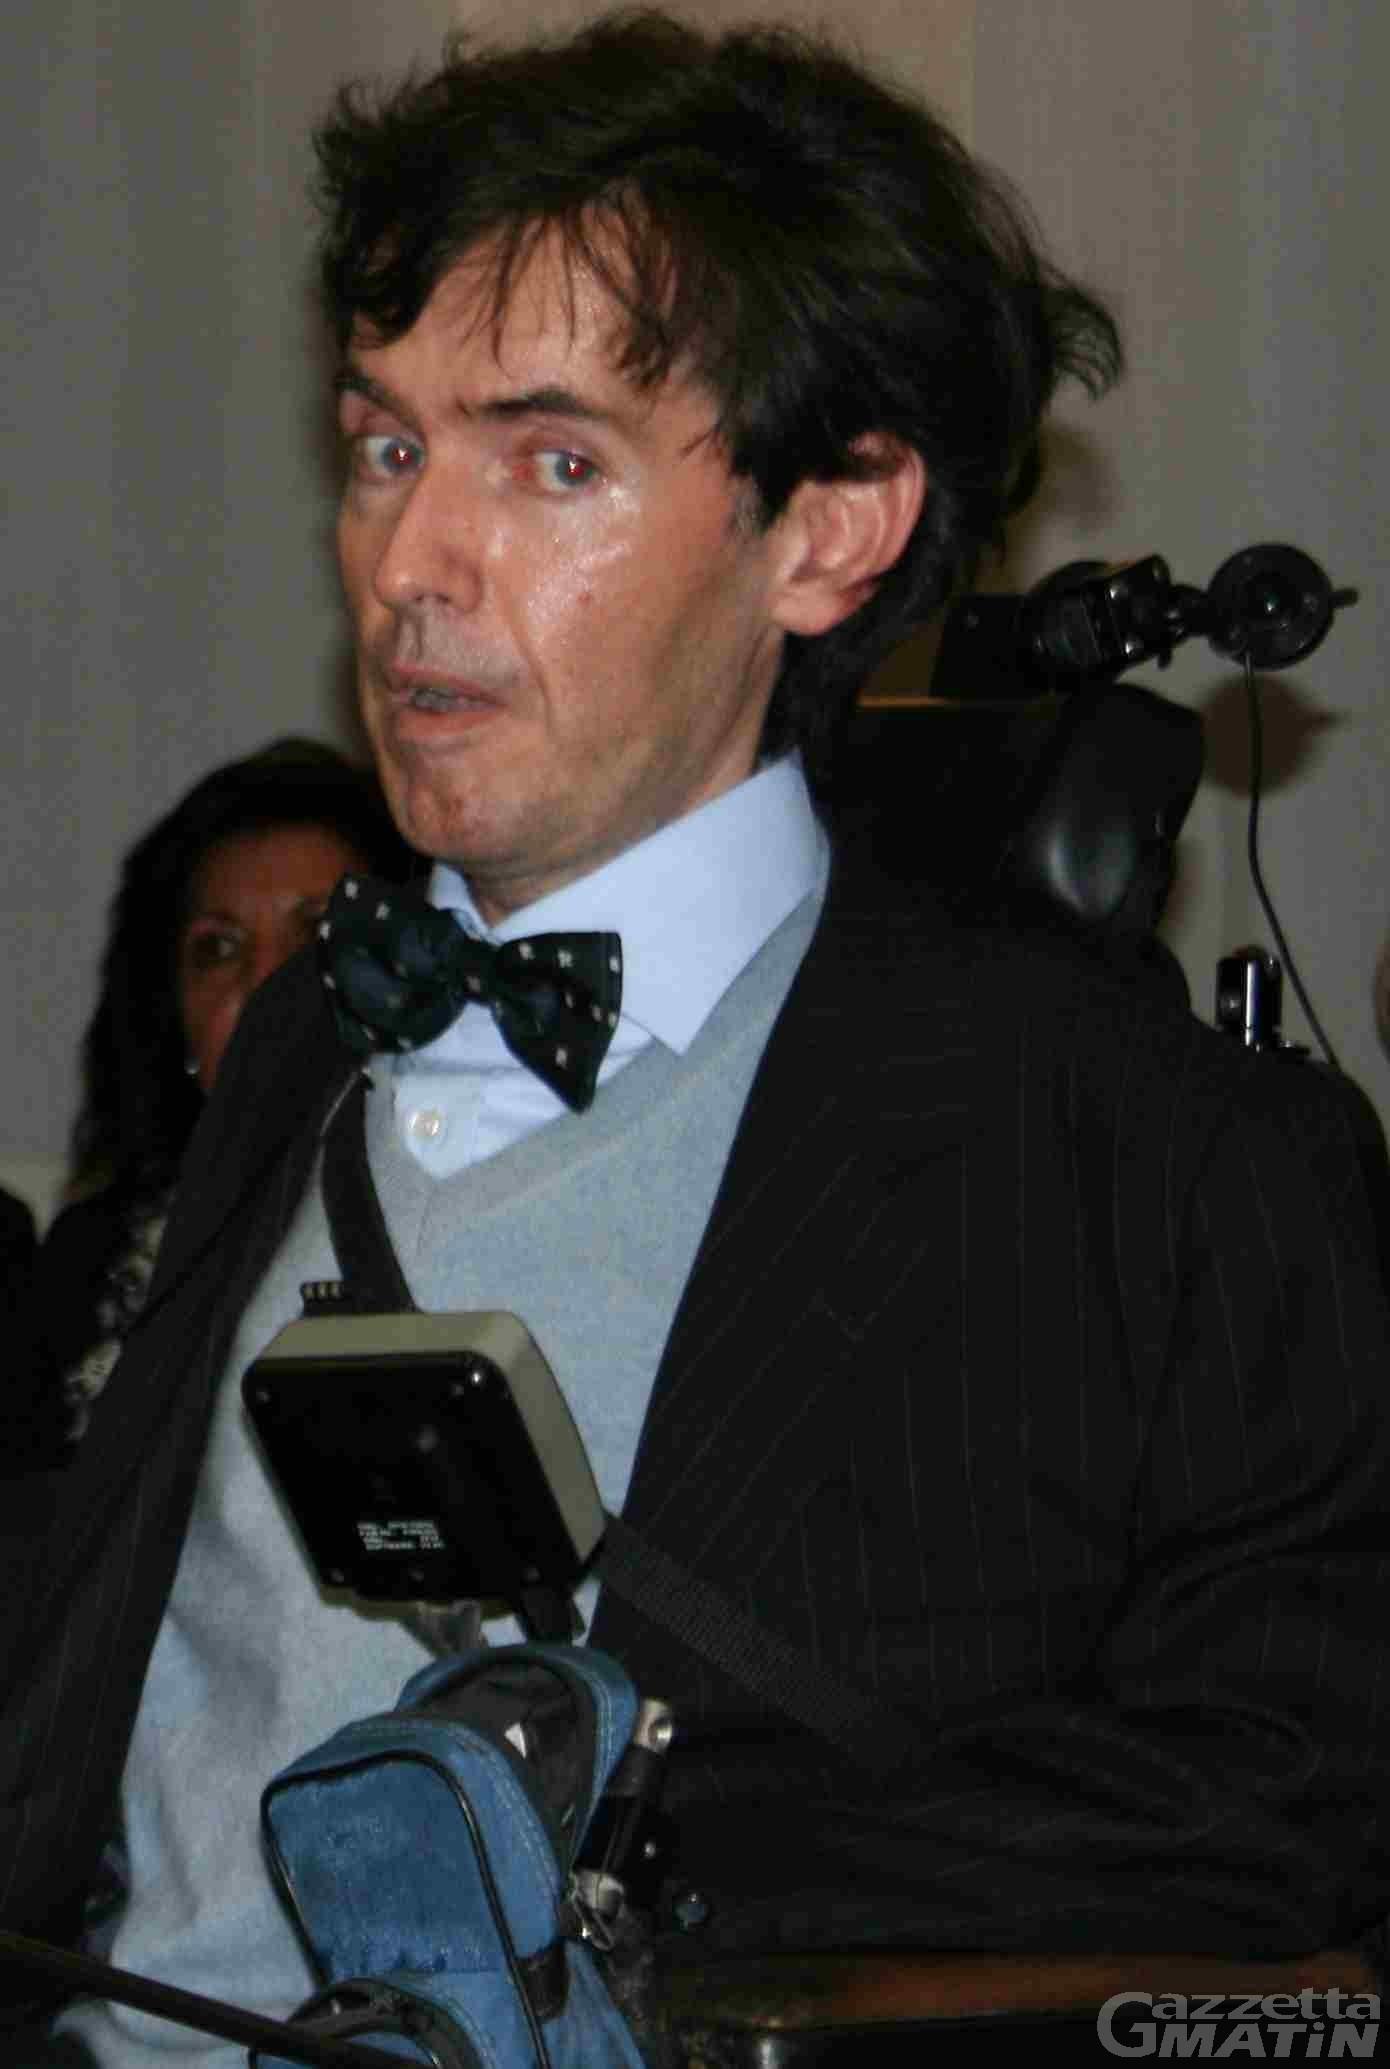 Consiglio regionale: Bertin ricoverato in Rianimazione dopo il malore in aula